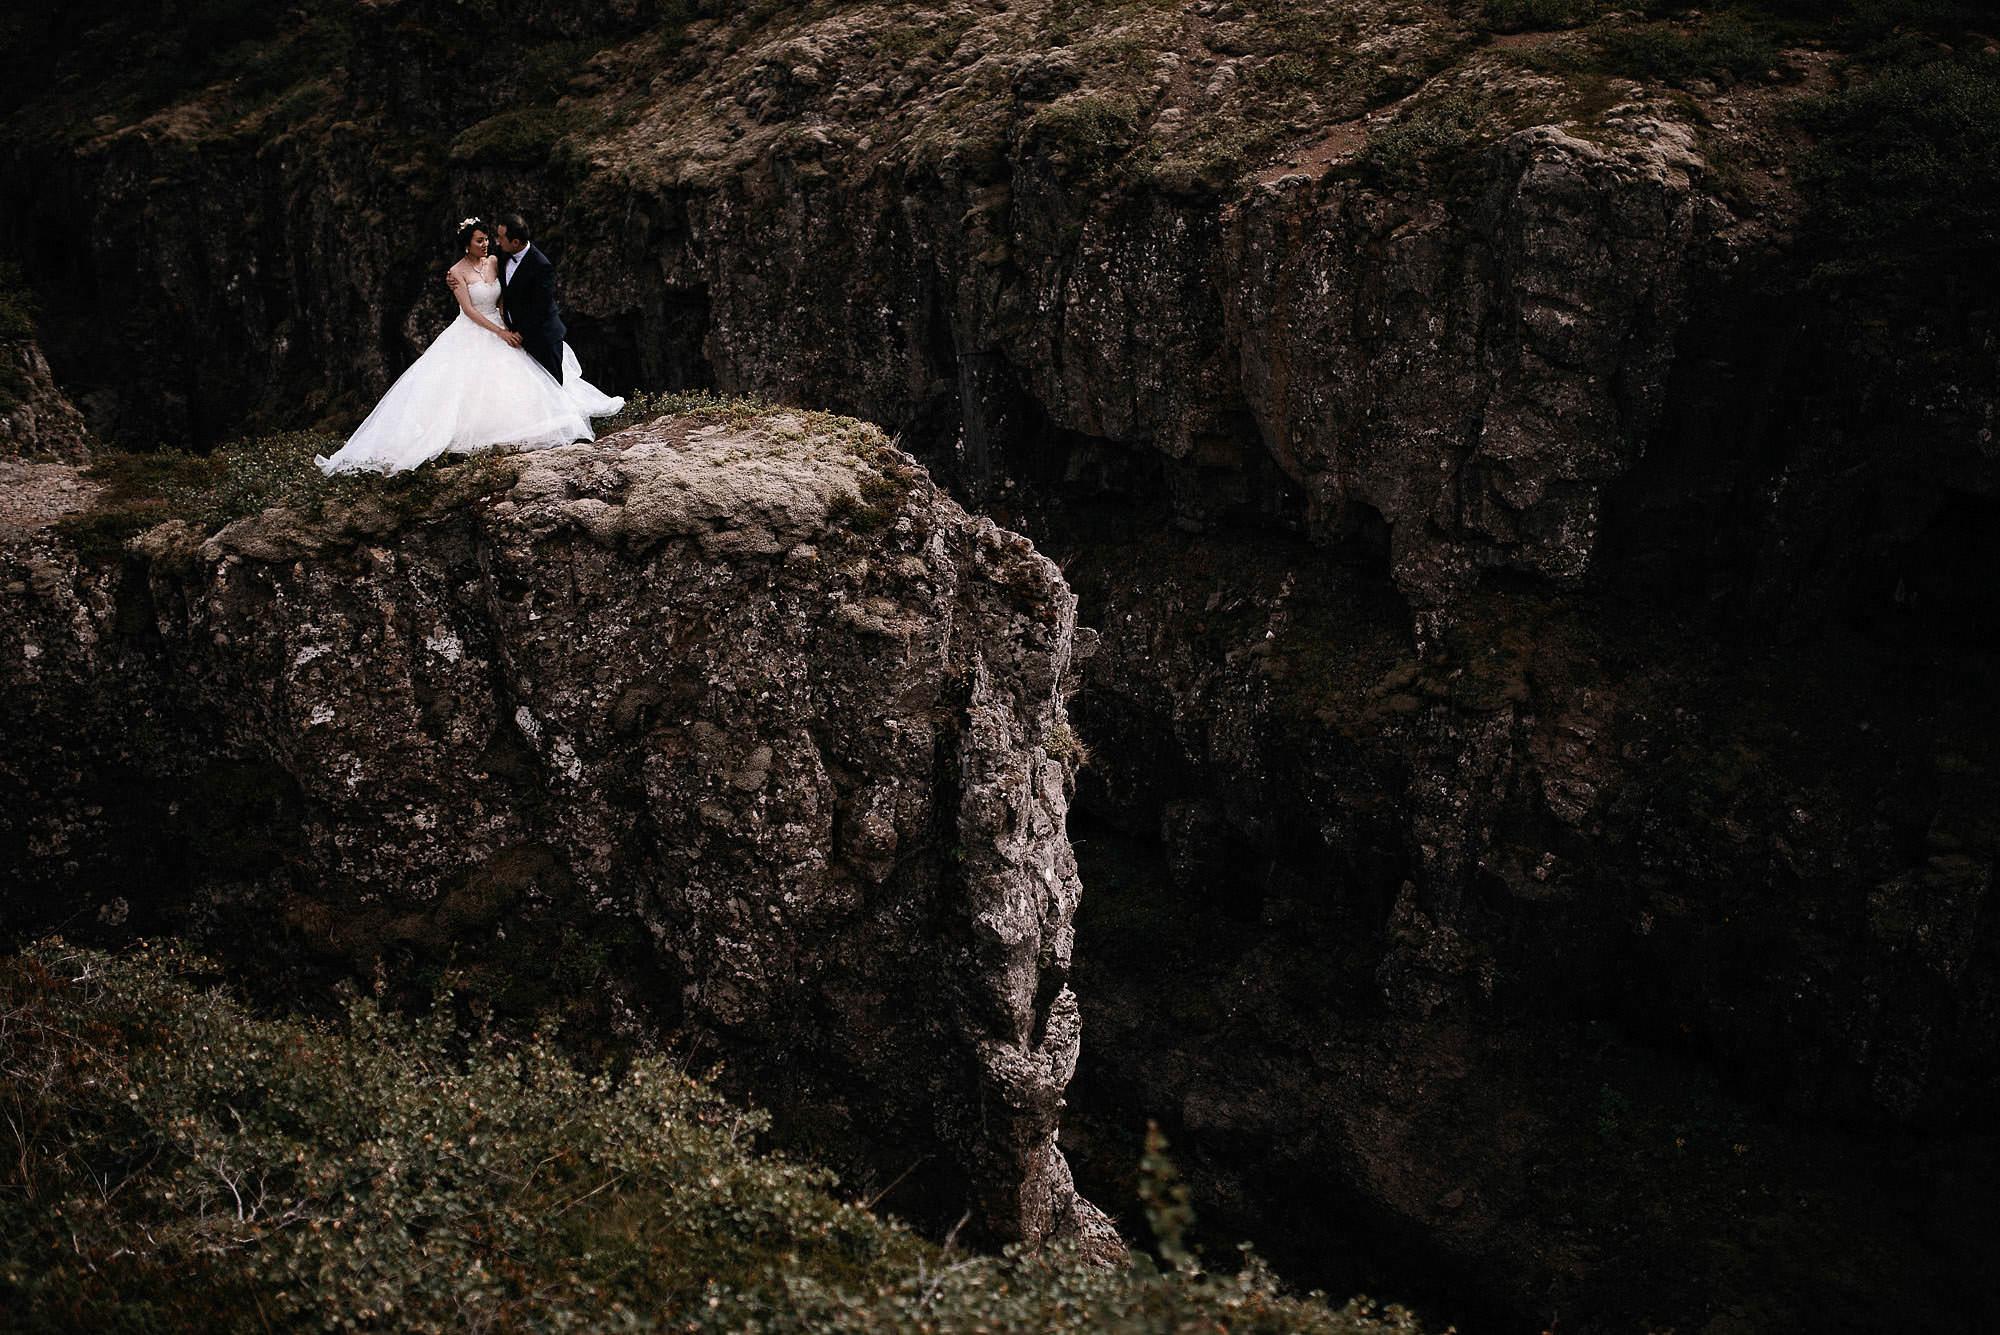 iceland-wedding-photographer_jere-satamo_photography-reykjavik-044.jpg